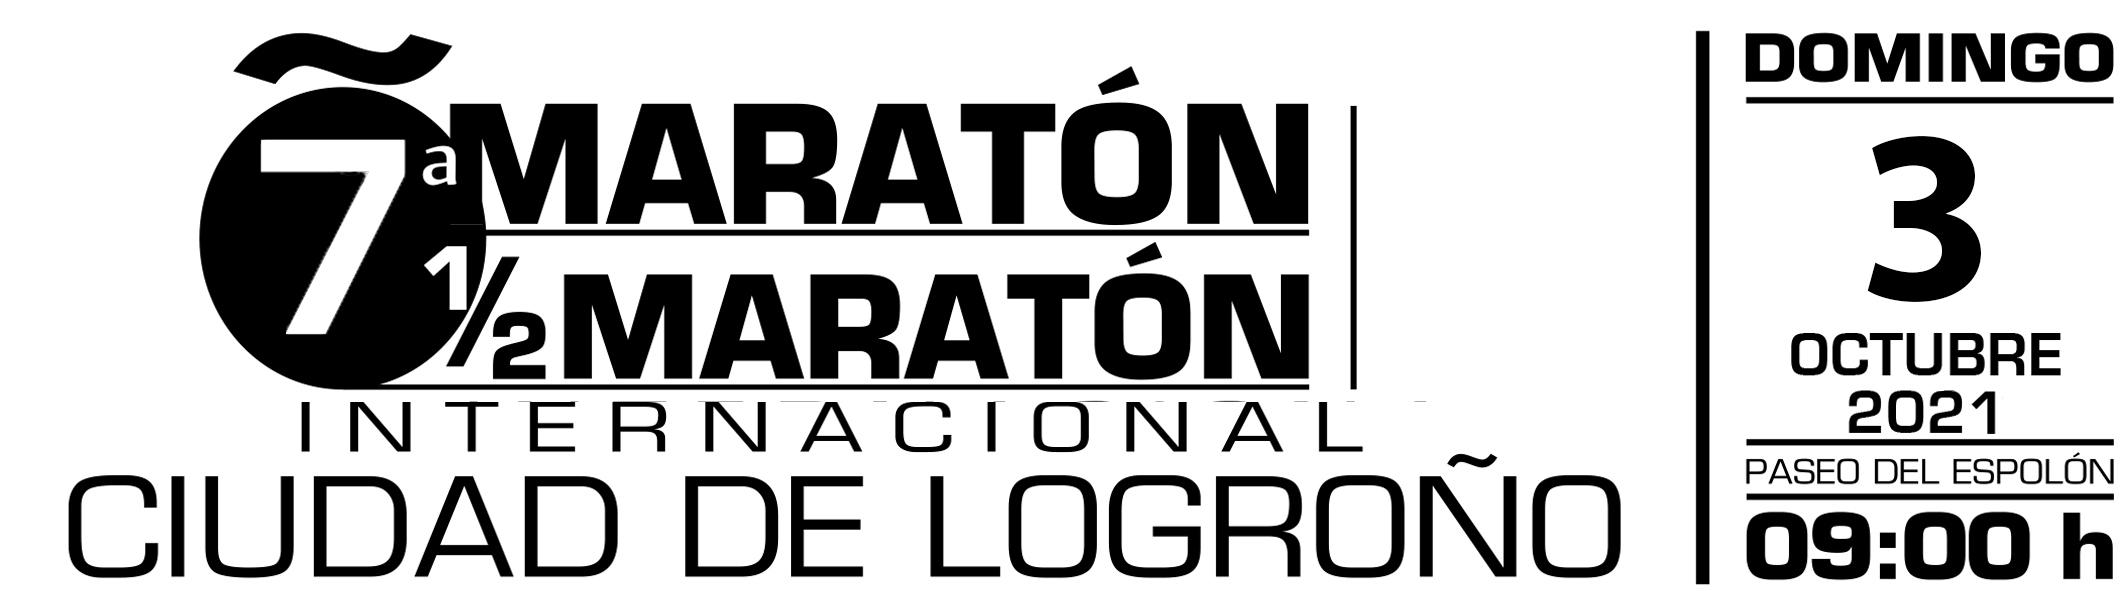 Noticias - Maratón Ciudad de Logroño 2021